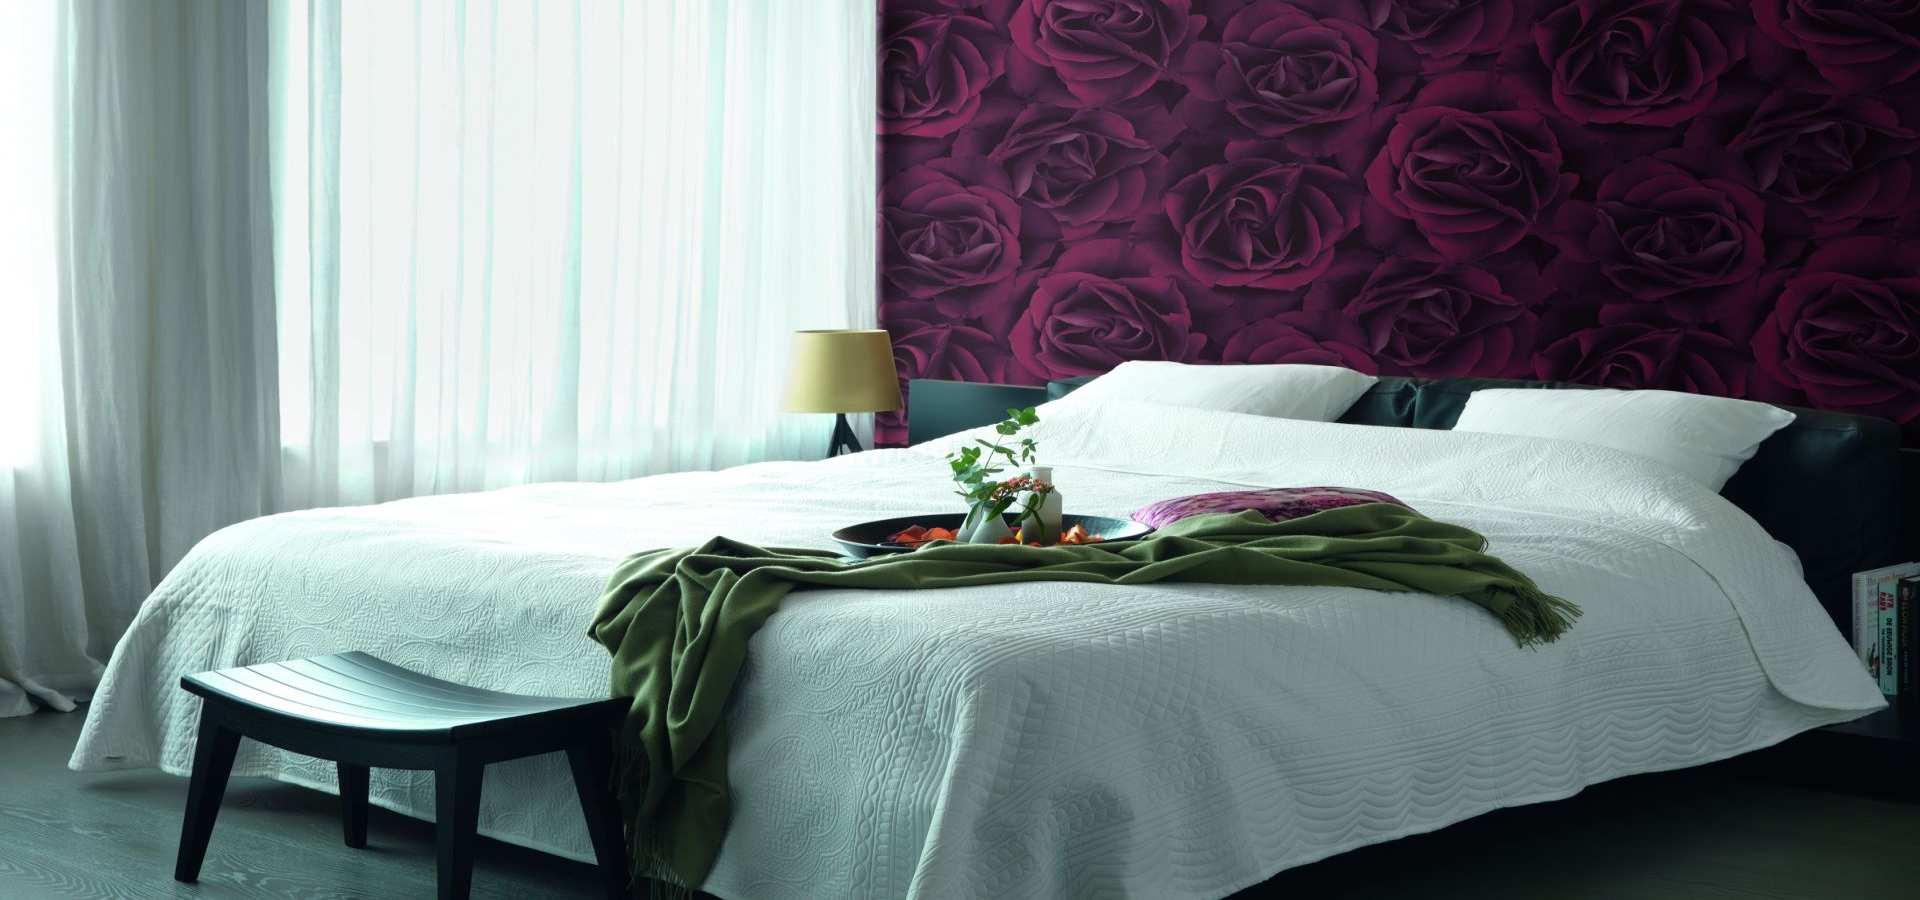 Bild Schlafzimmer Tapete rote Rosen